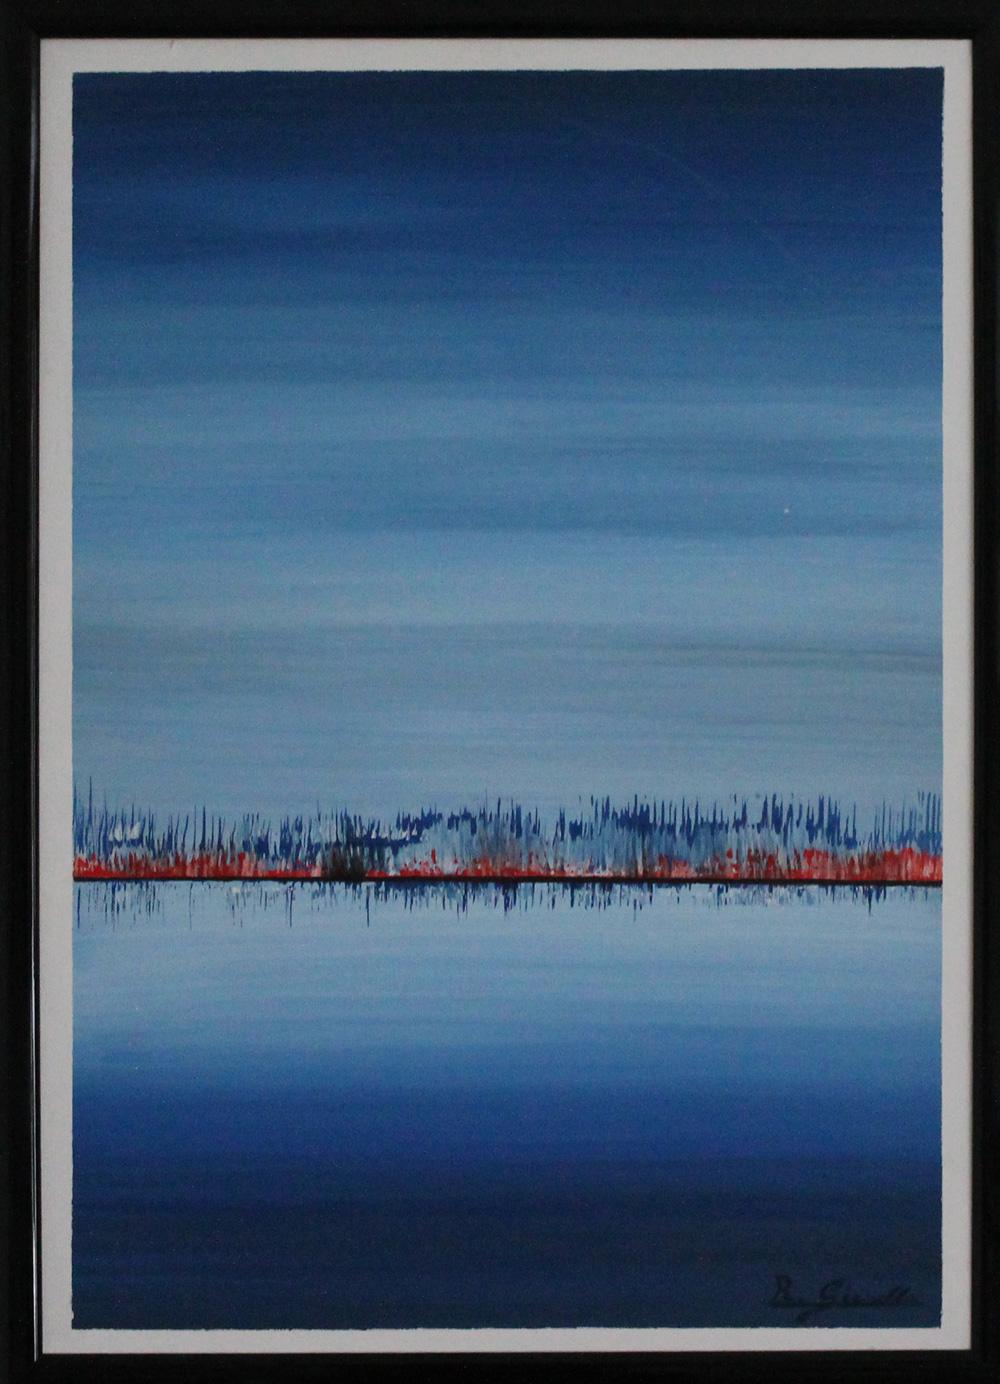 Renzo Gianella Vibrazioni cromatiche 2 Acrilico su tela 50x70 cm